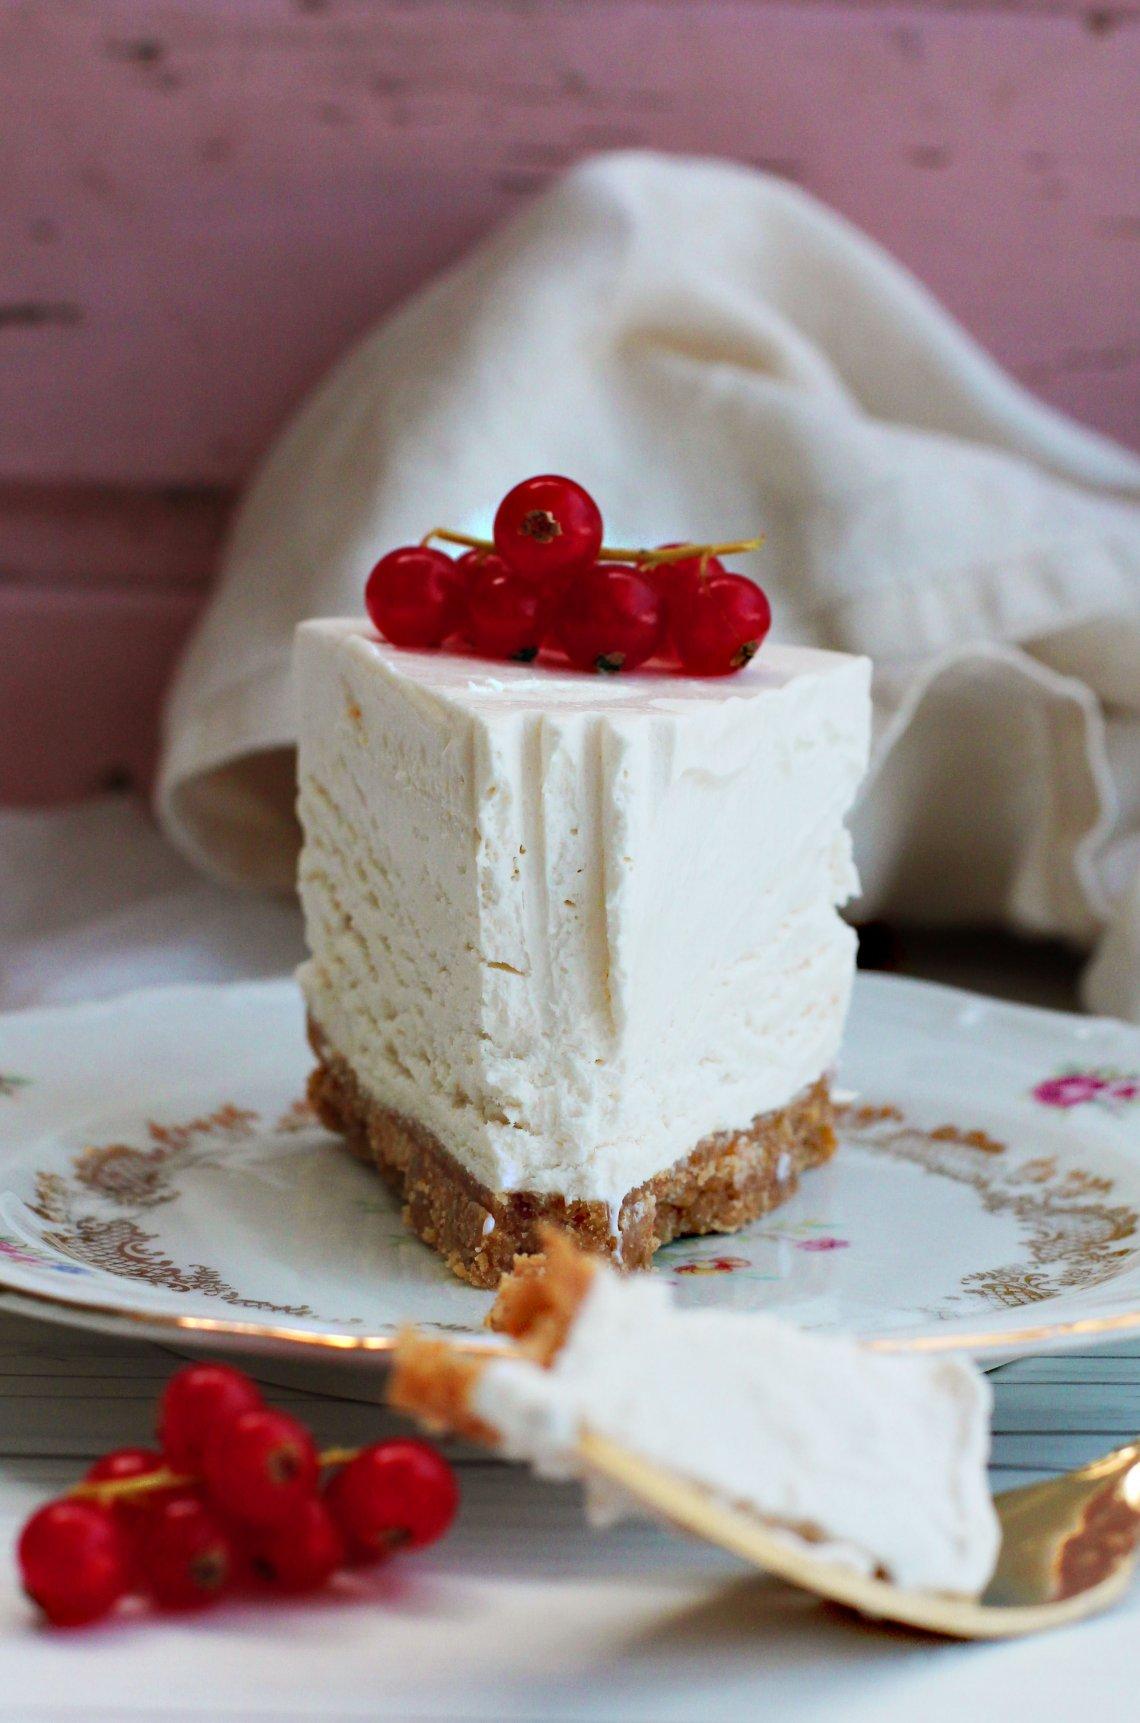 vegansk cheesecake vit choklad